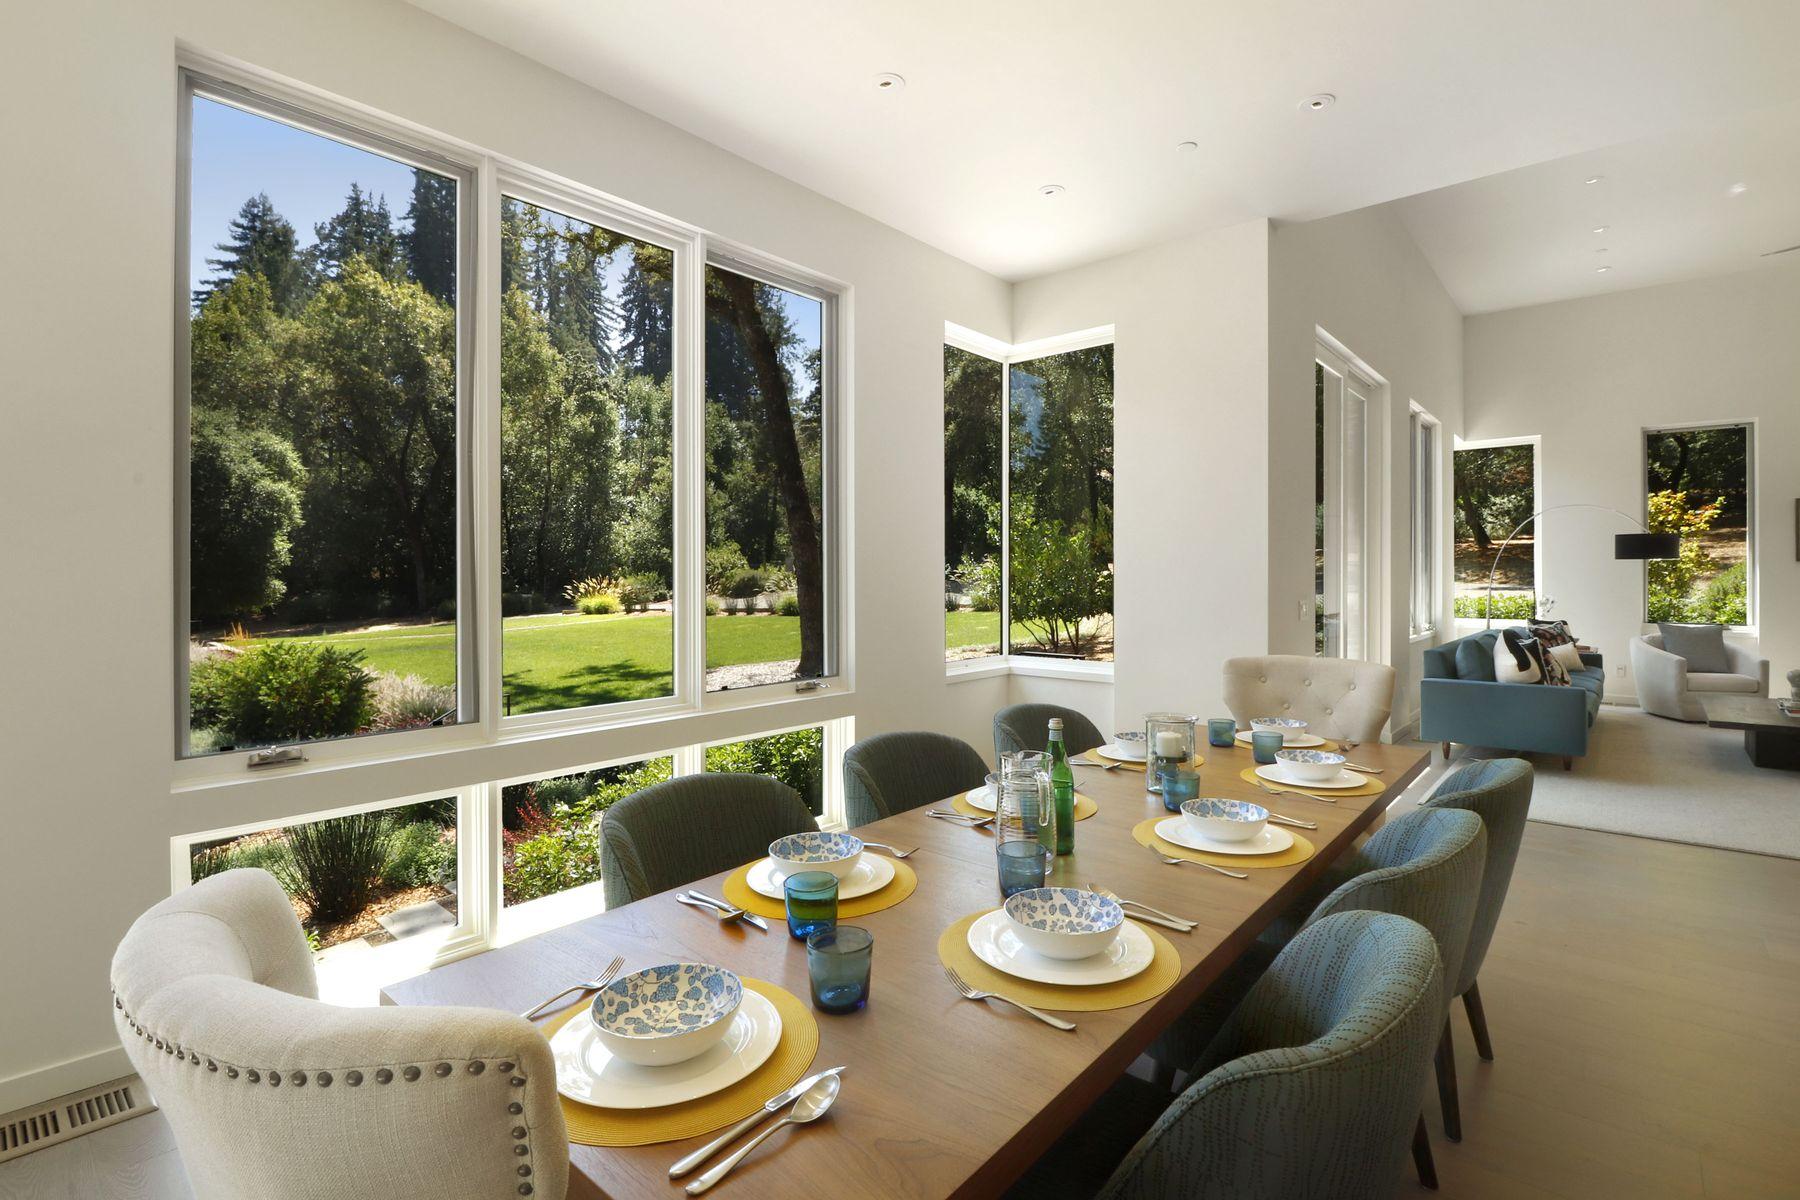 Single Family Homes for Sale at 3380 Vigilante Road 3380 Vigilante Rd Glen Ellen, California 95442 United States